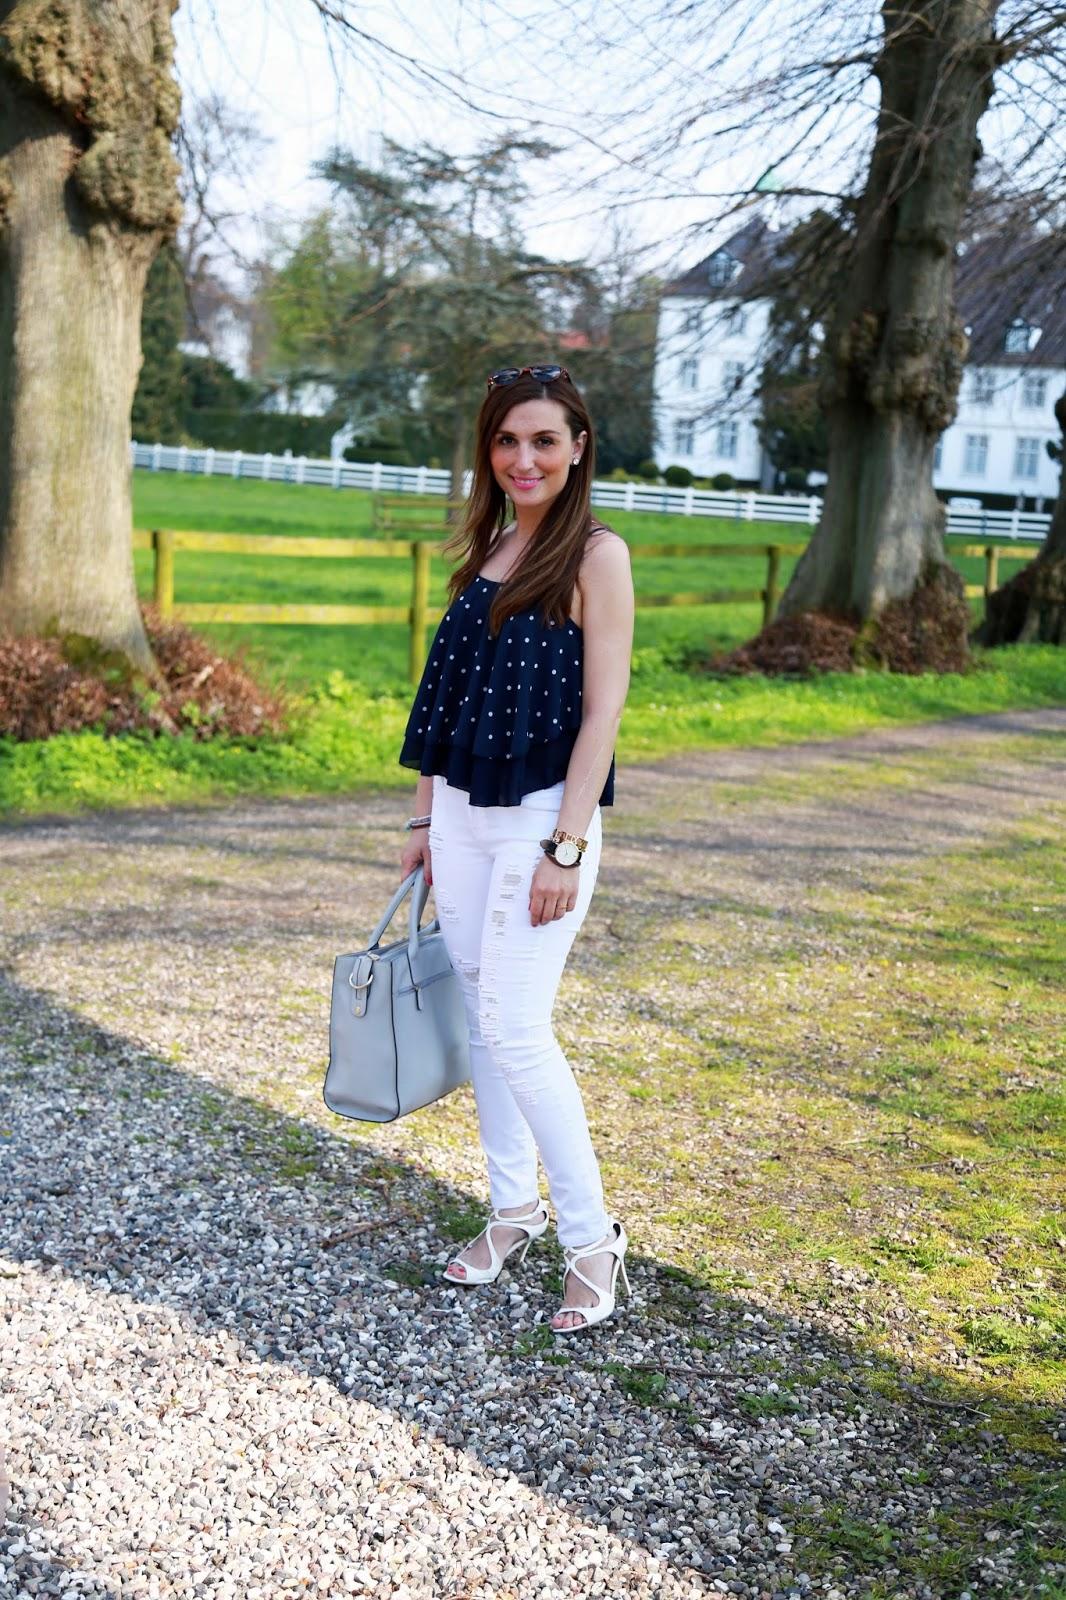 Weiße Hose - Blogger mit weißer Hise - Ripped Jeans - Pünktchentop - Trägertop mit punkten von MyColloseum Fashionstylebyjohanna